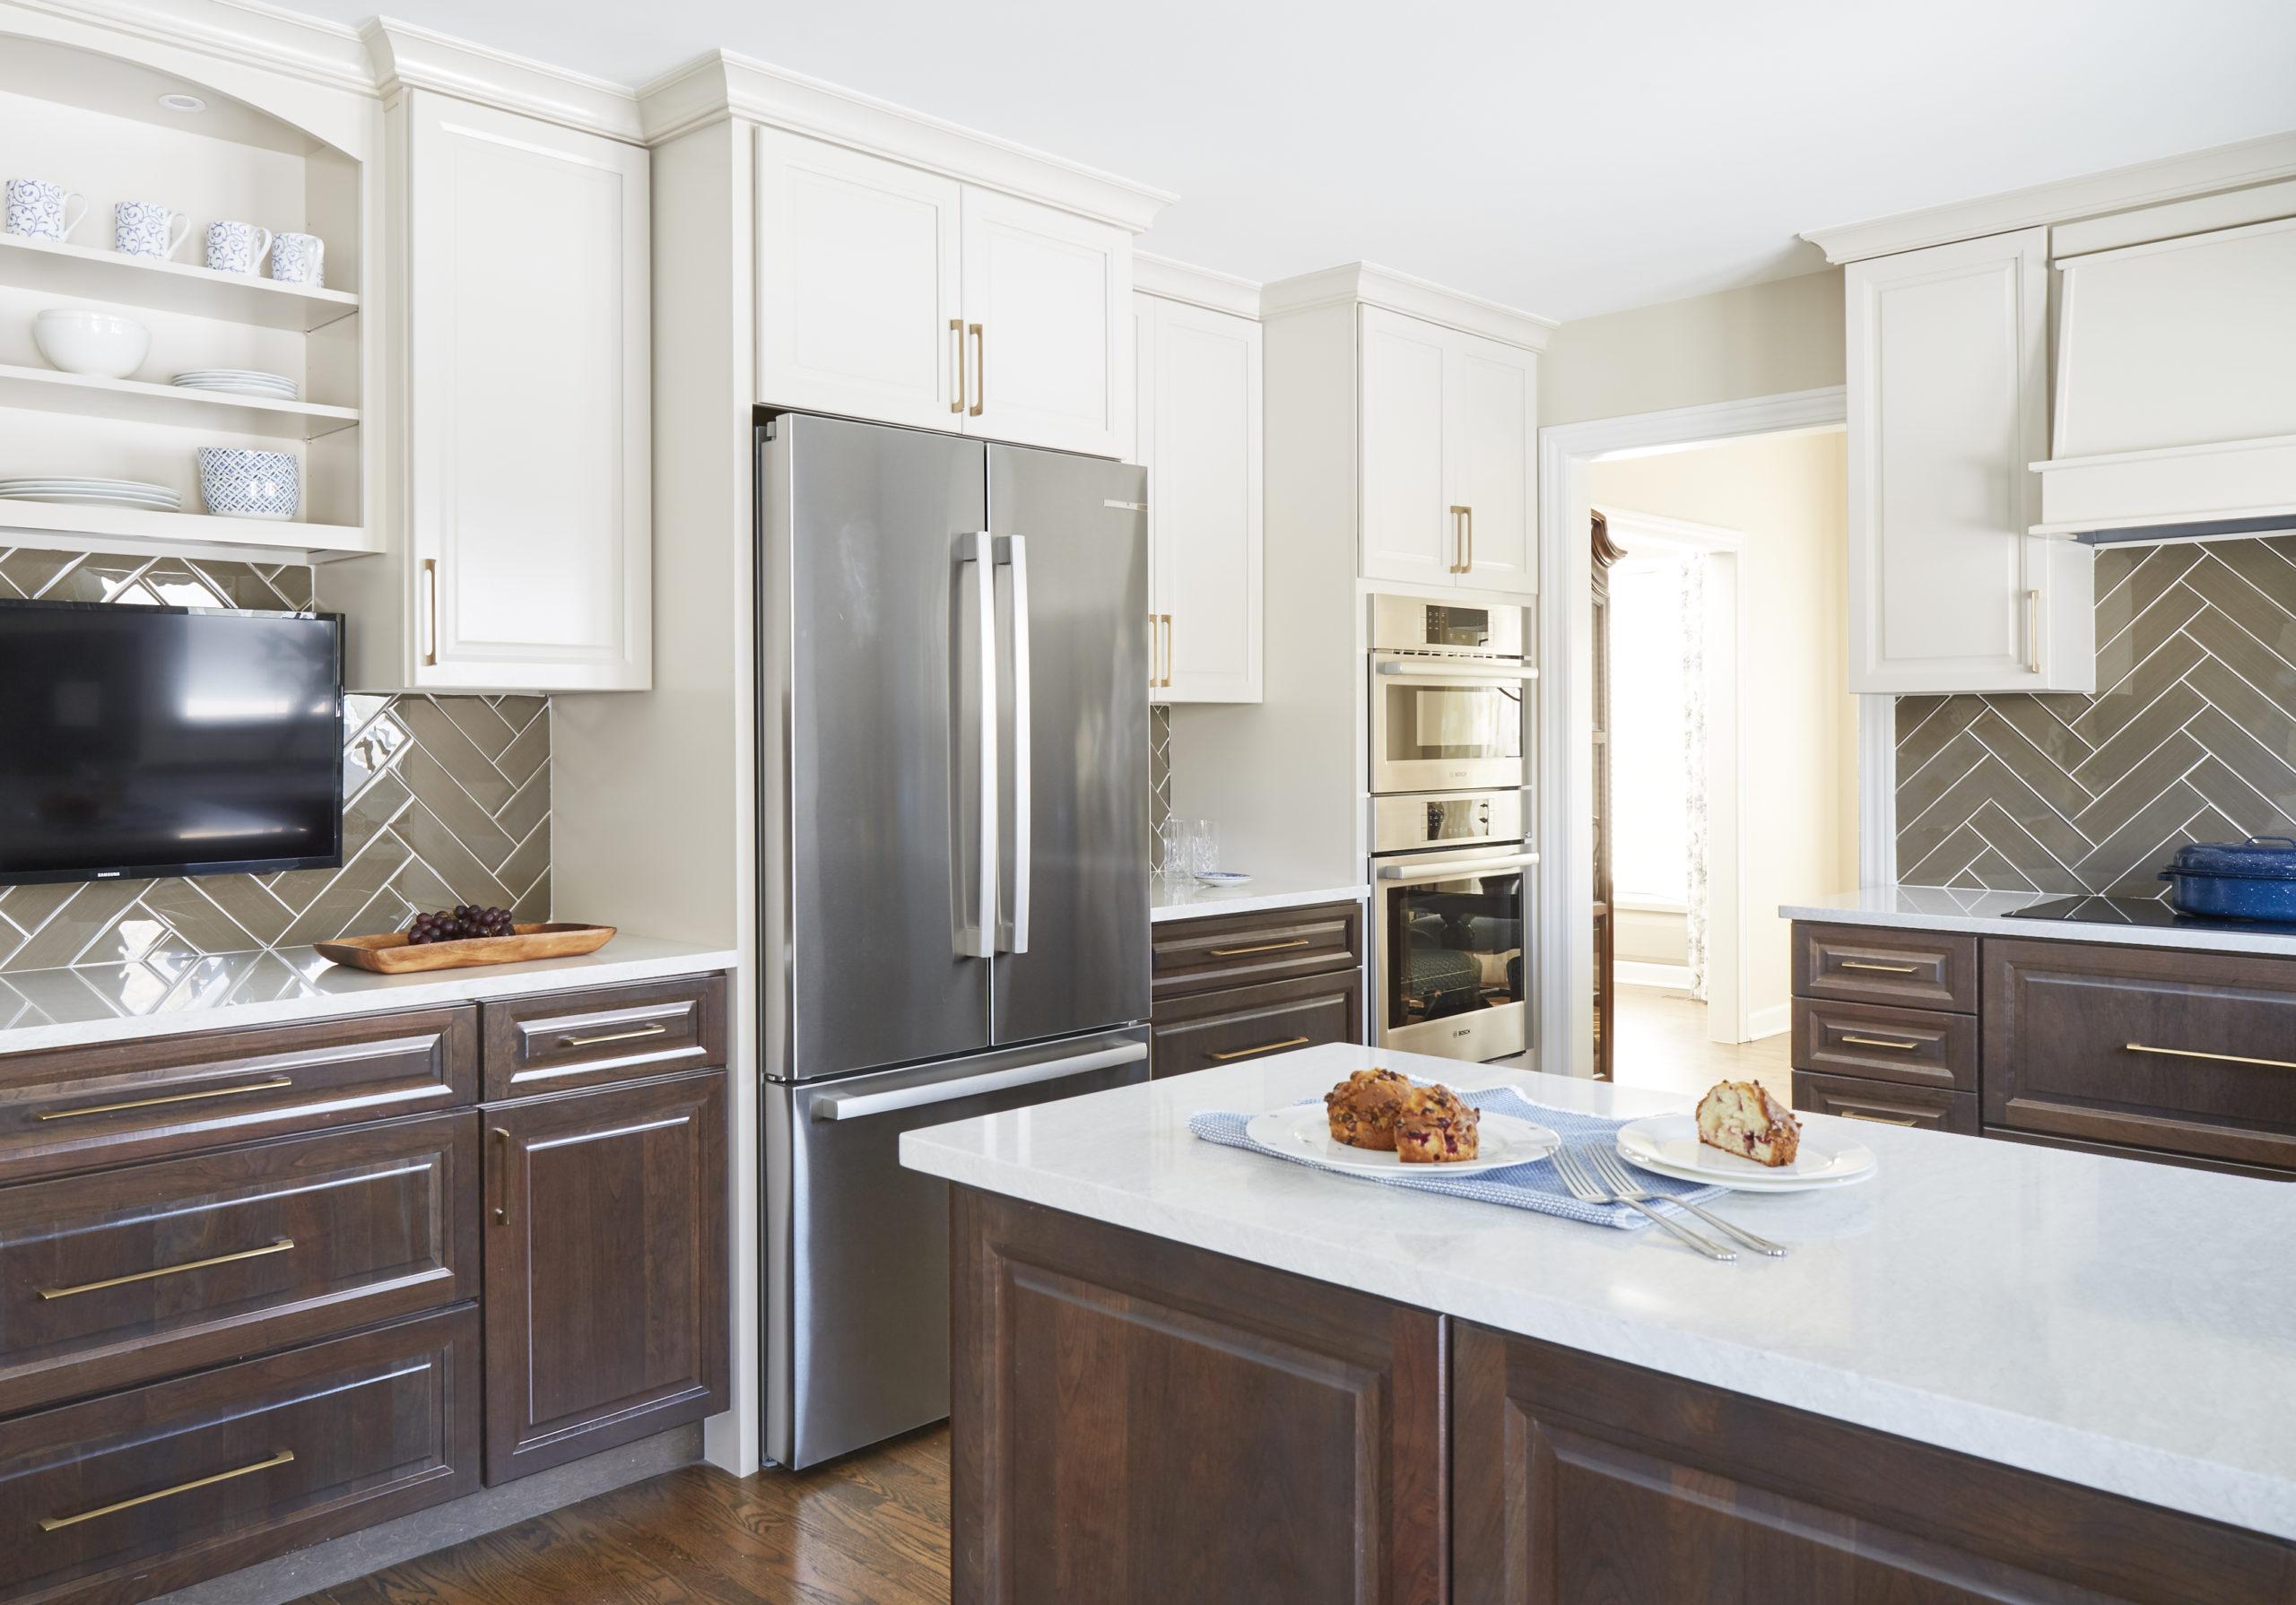 redux-interior-design-kitchen-redux